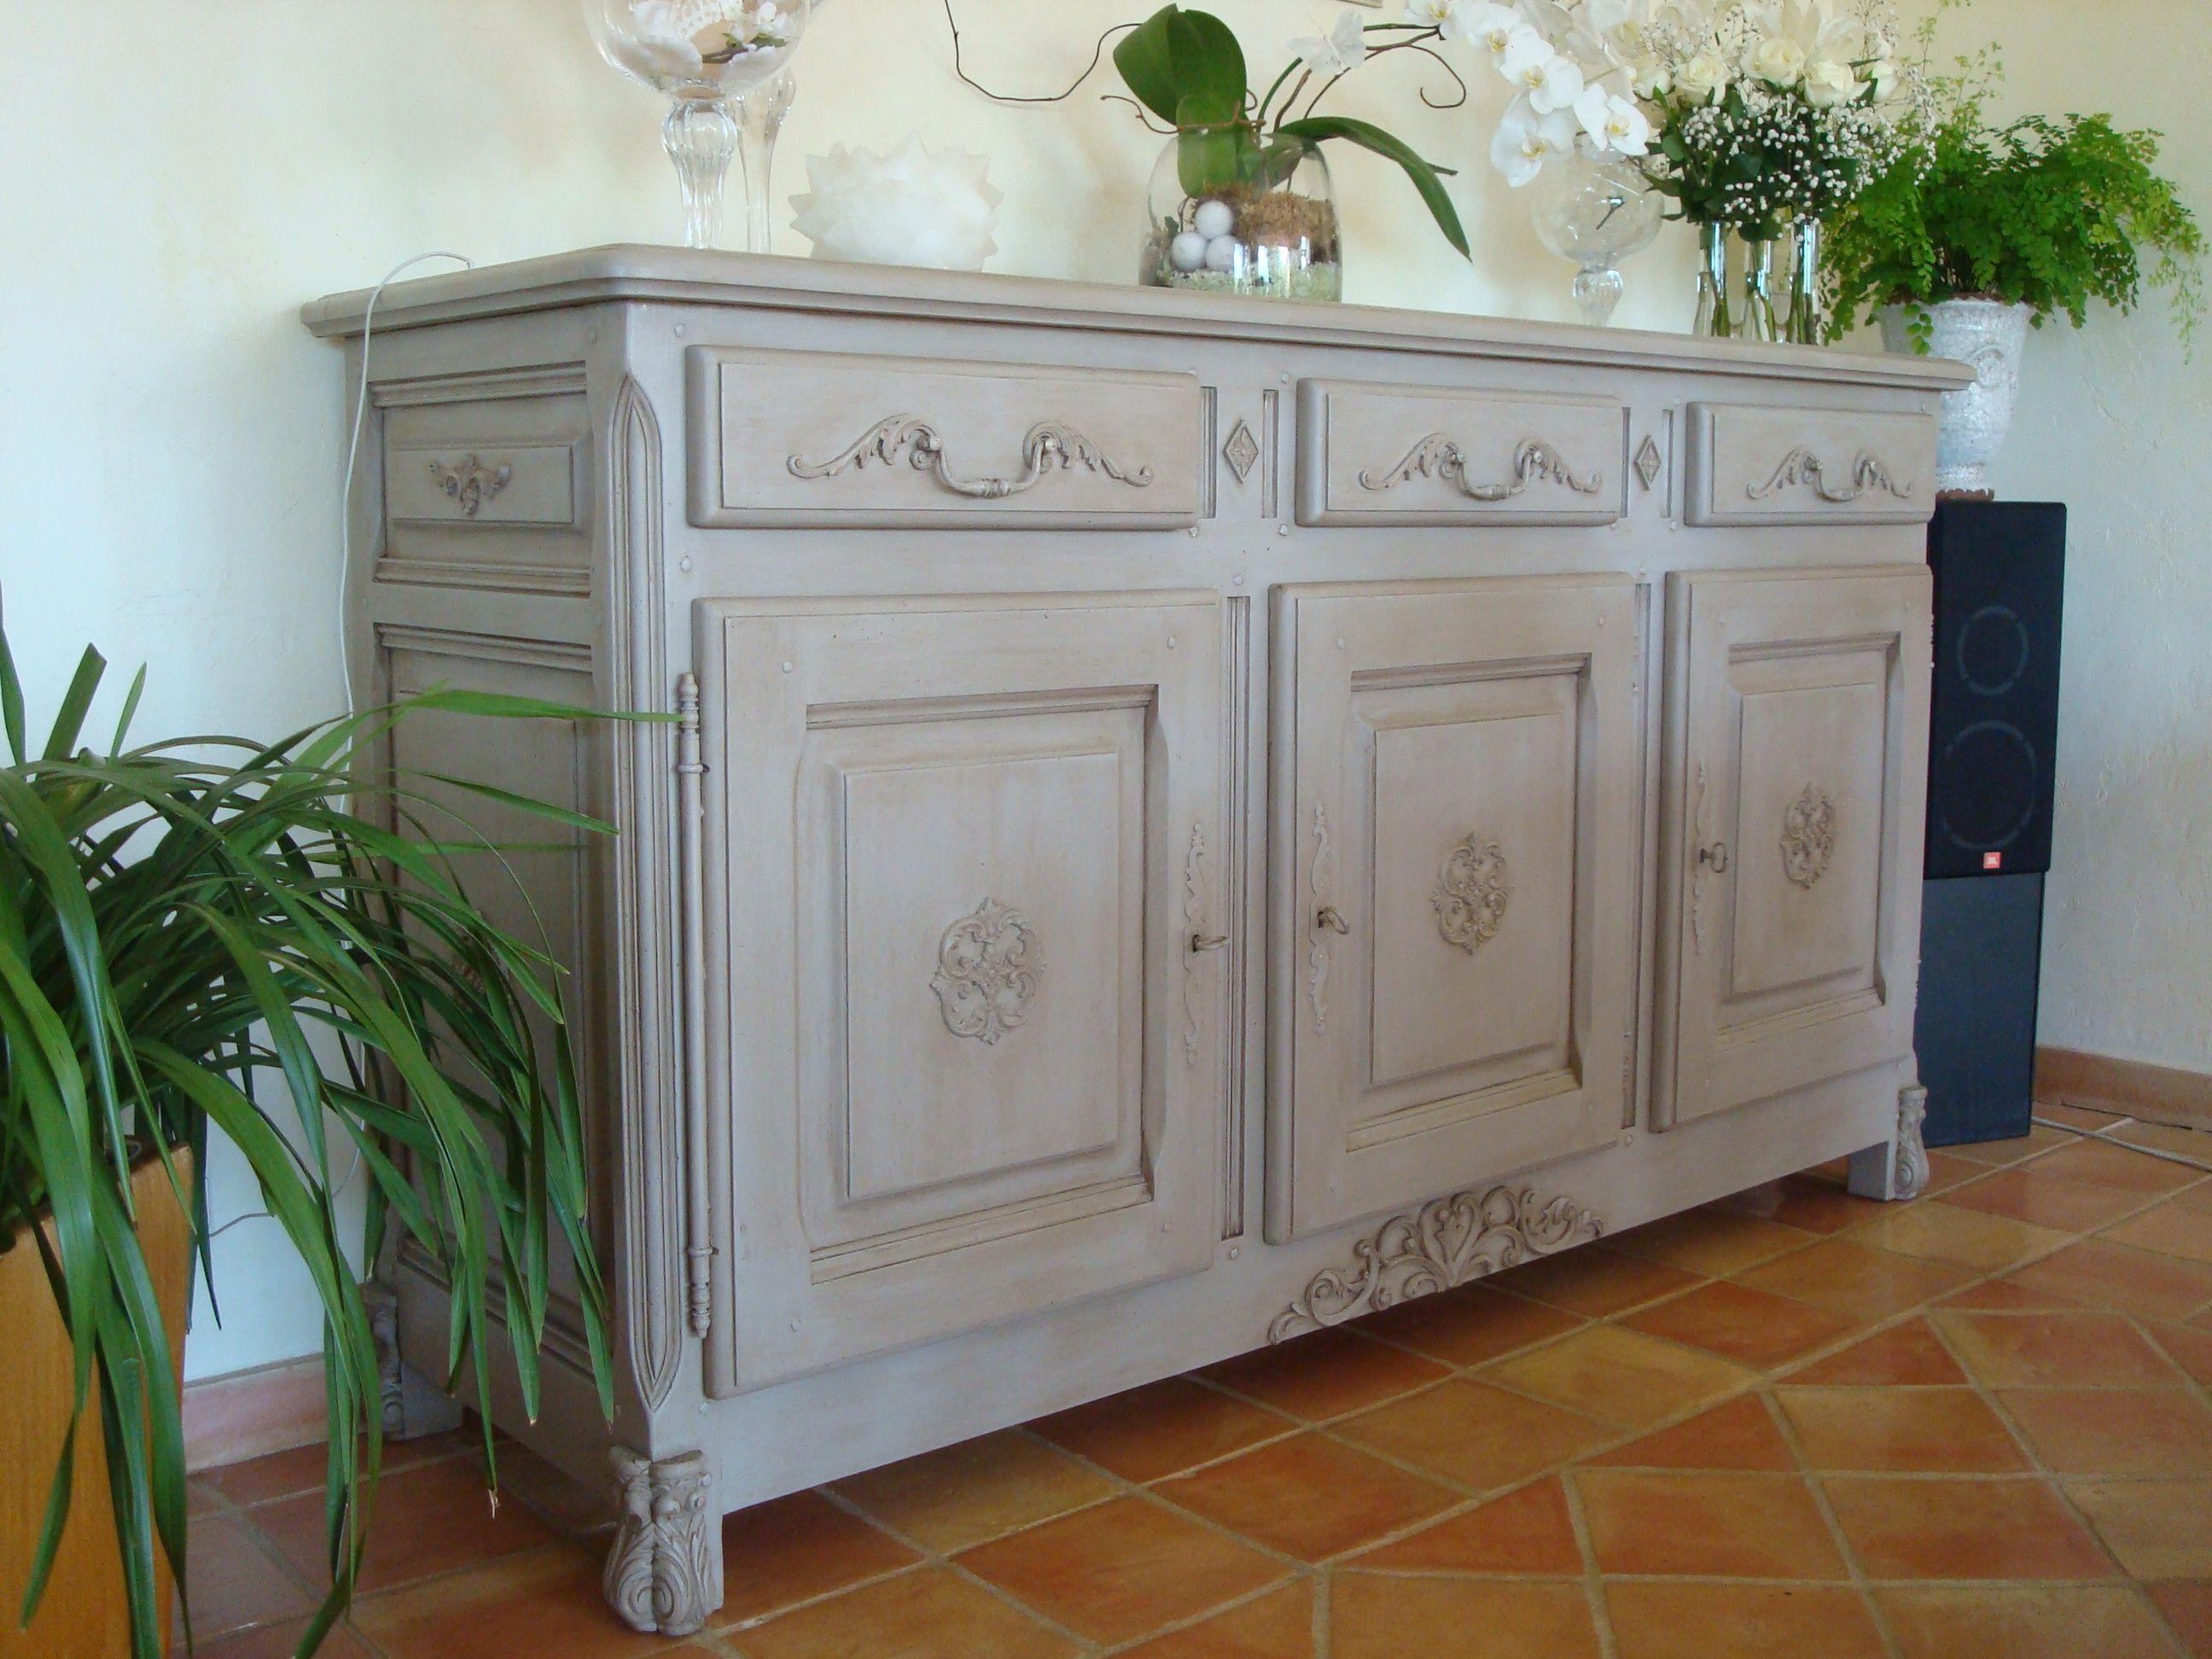 Peinture Résine Pour Meuble En Bois moulure pour meuble | déco shabby chic, meuble bois brut, meuble